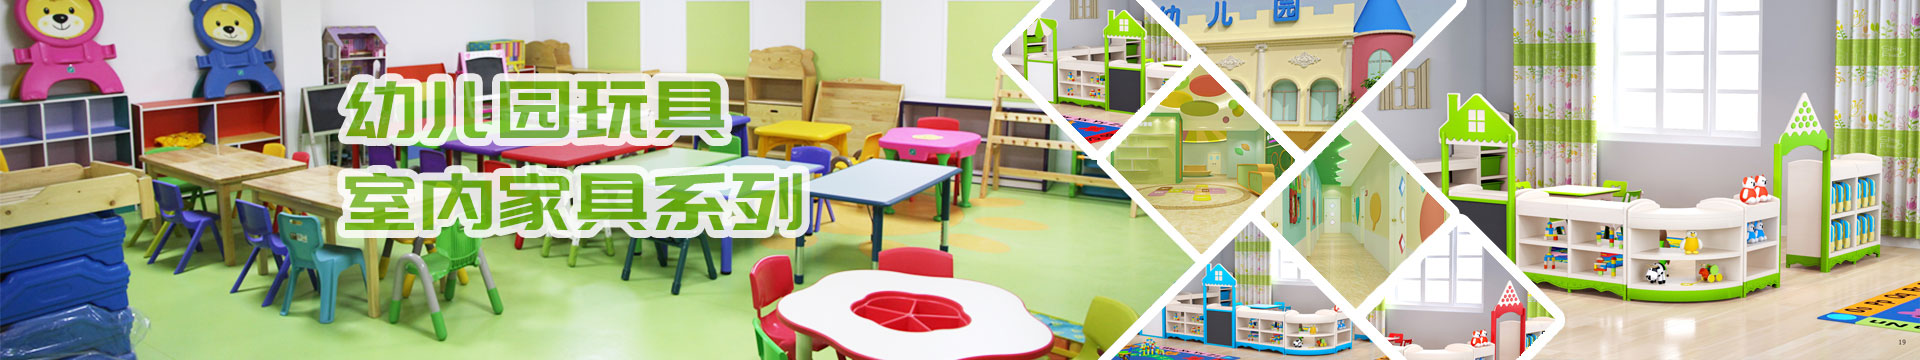 鑫兴幼儿园玩具-幼儿园大型玩具